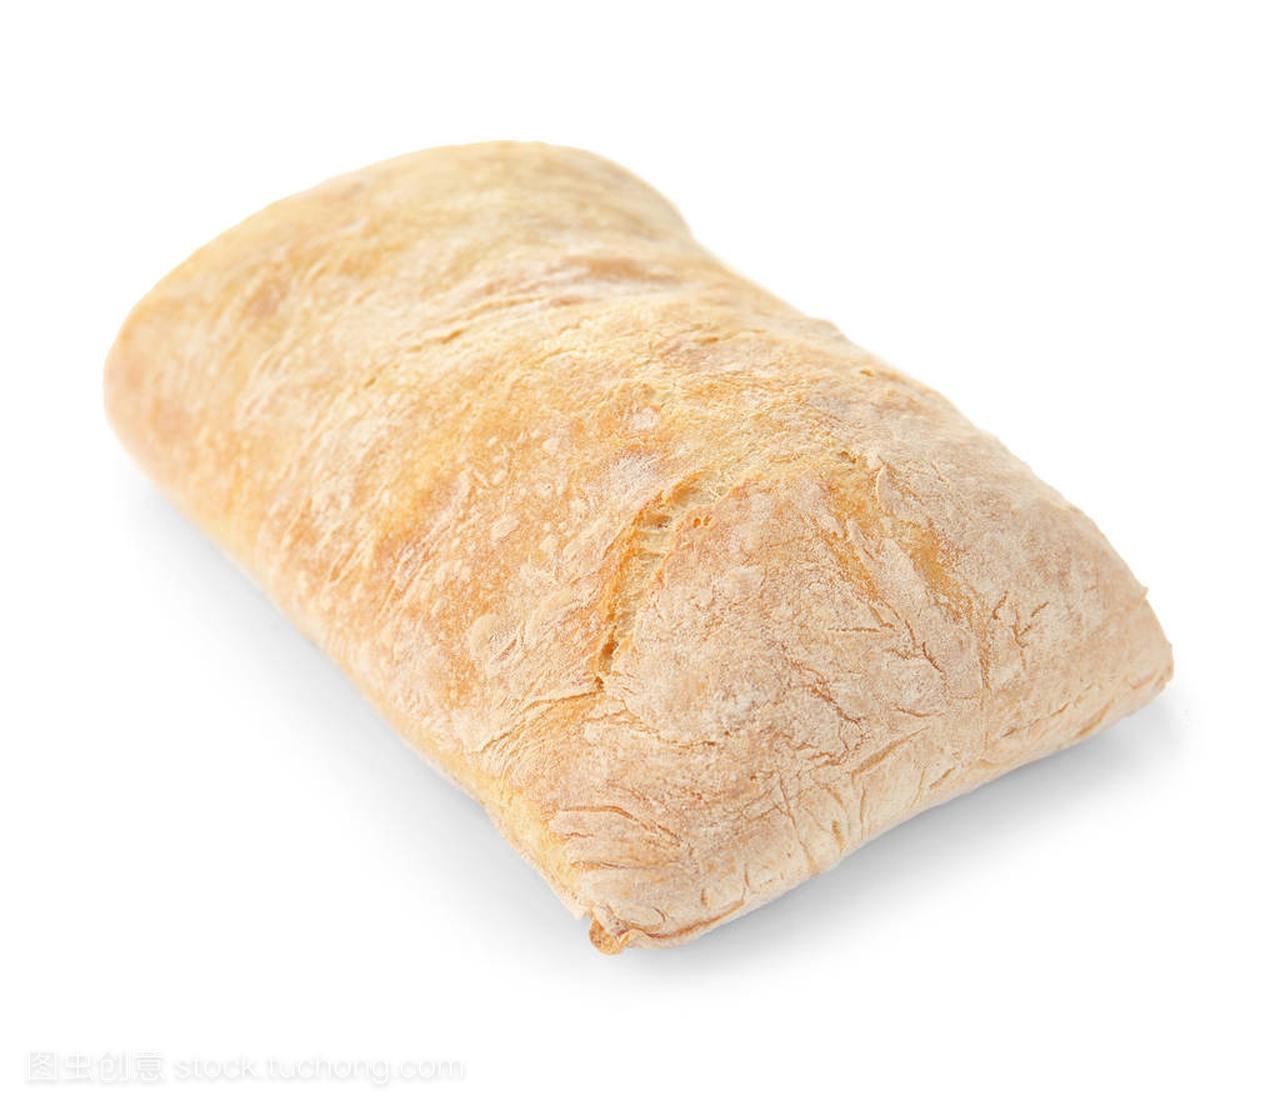 网站条面包美食十大美味团购图片